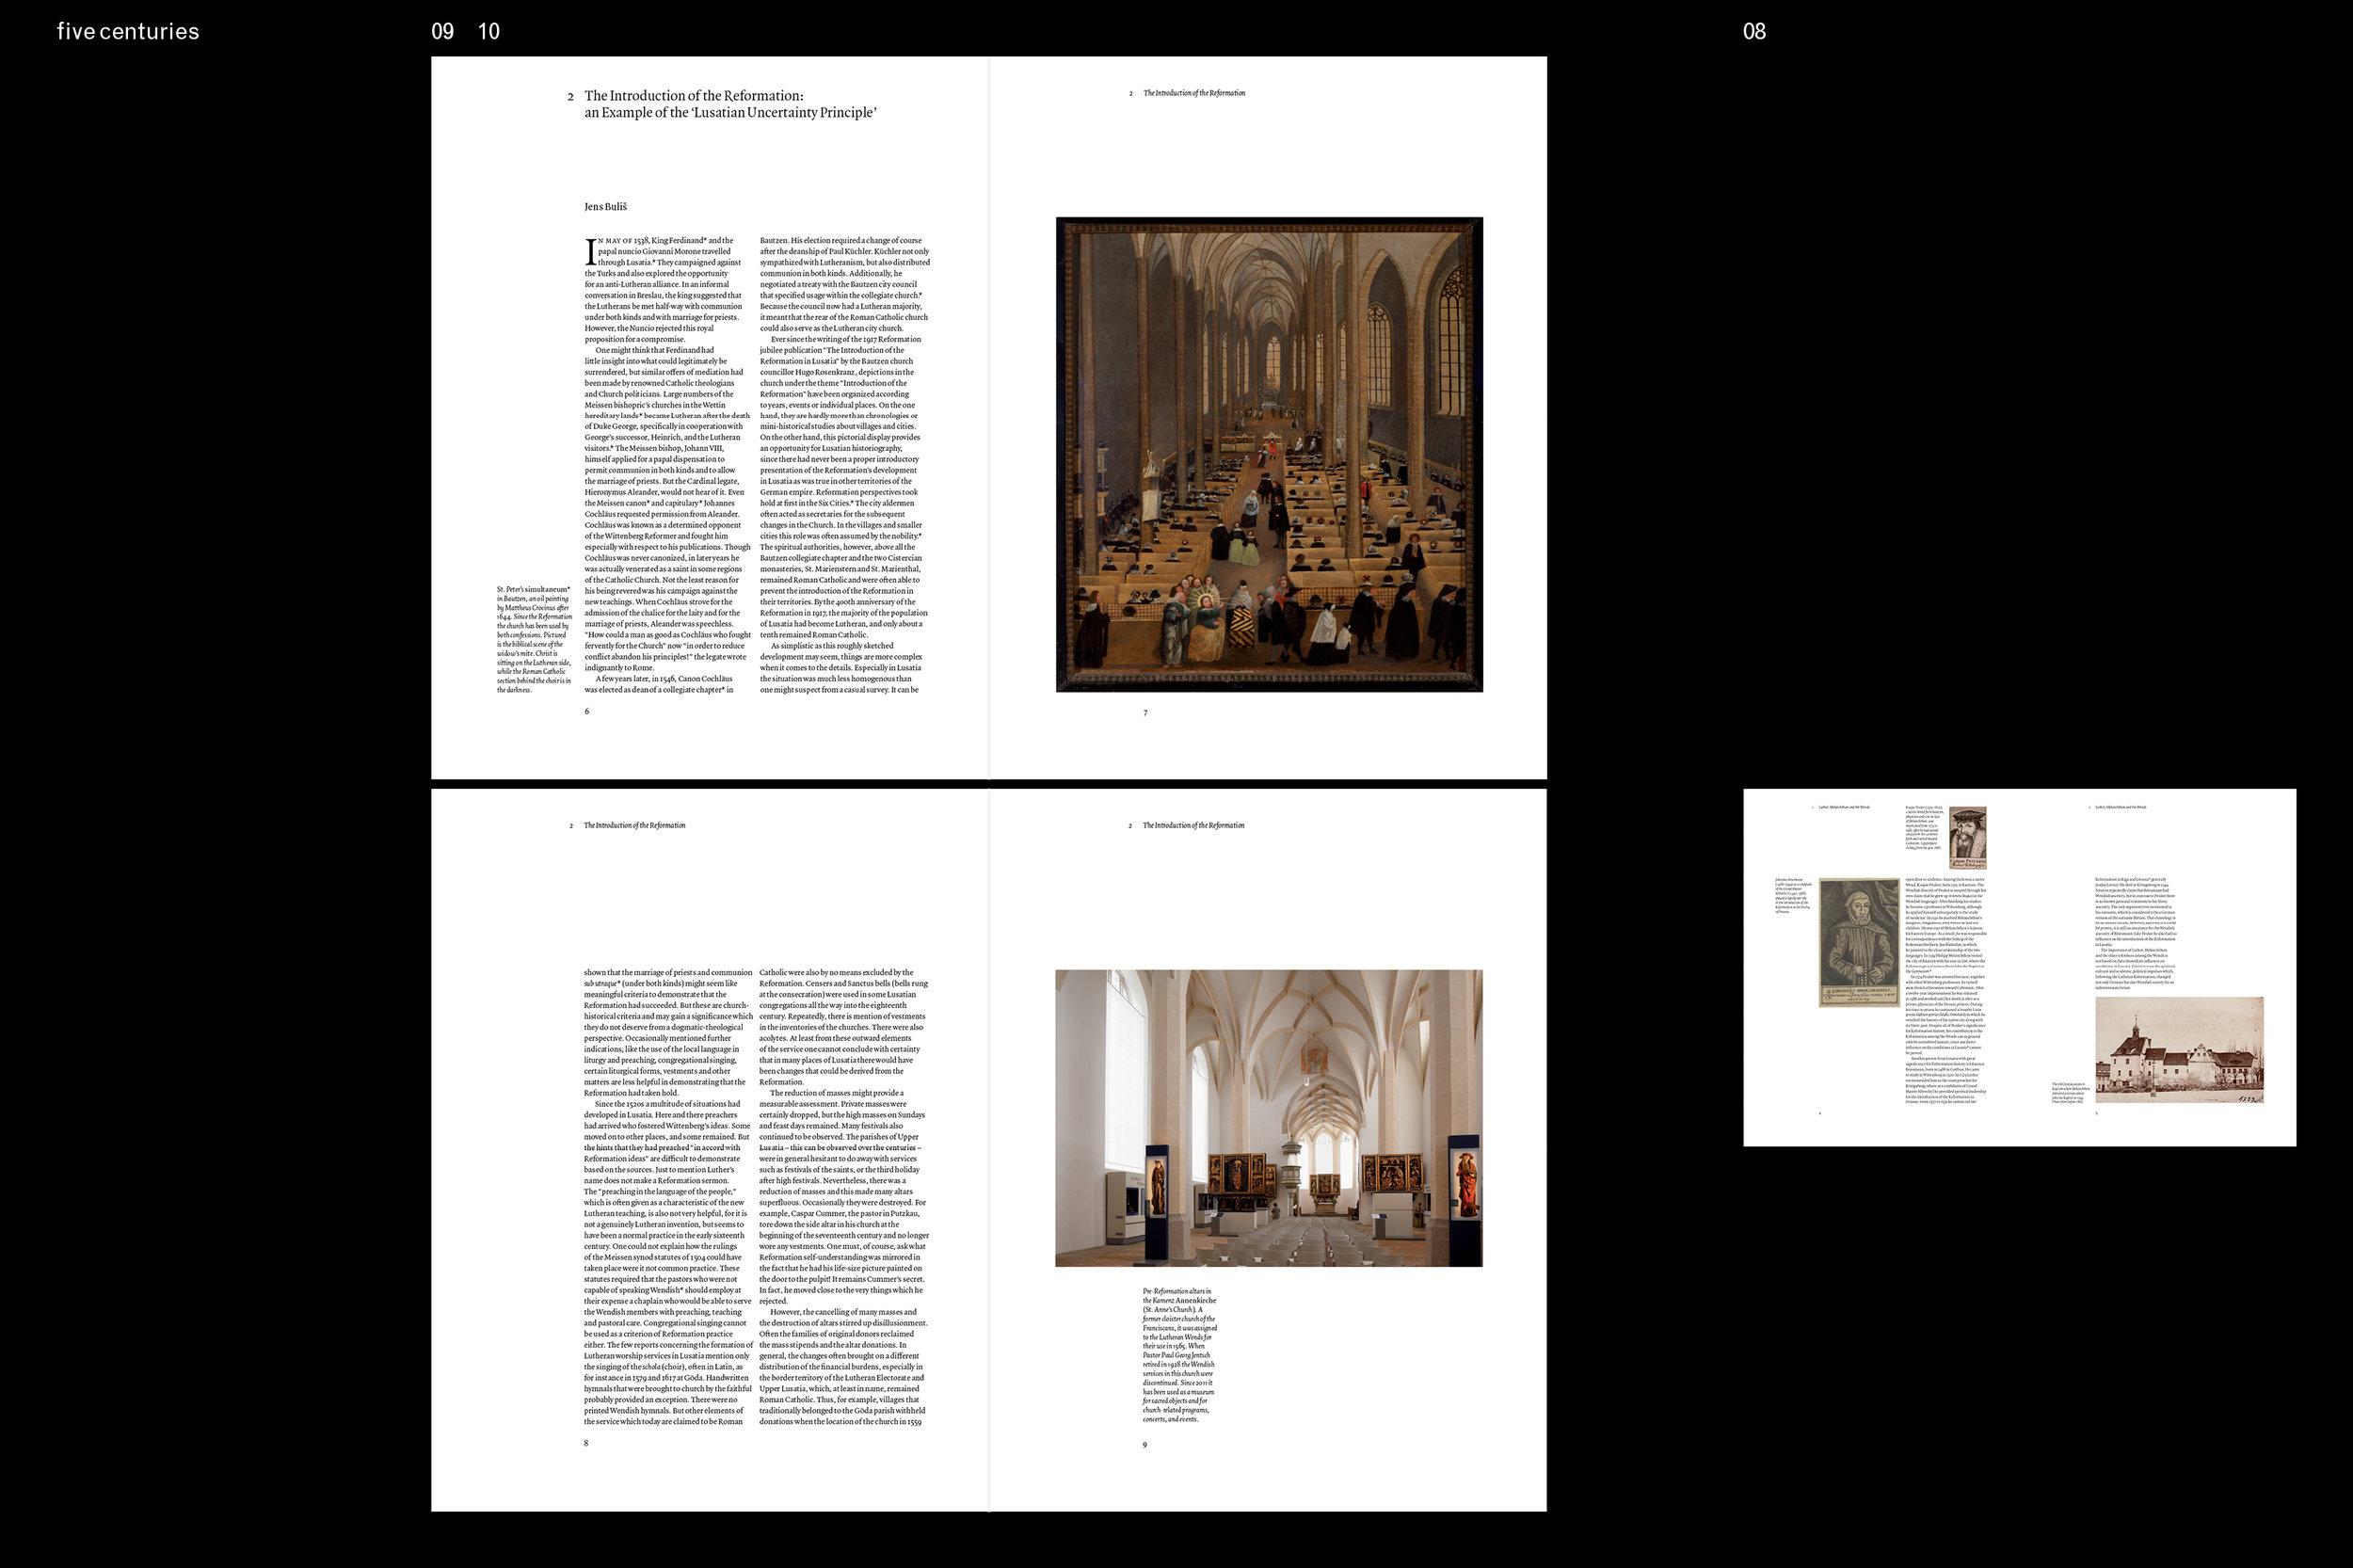 Five Centuries 2019 slides b 3.jpg